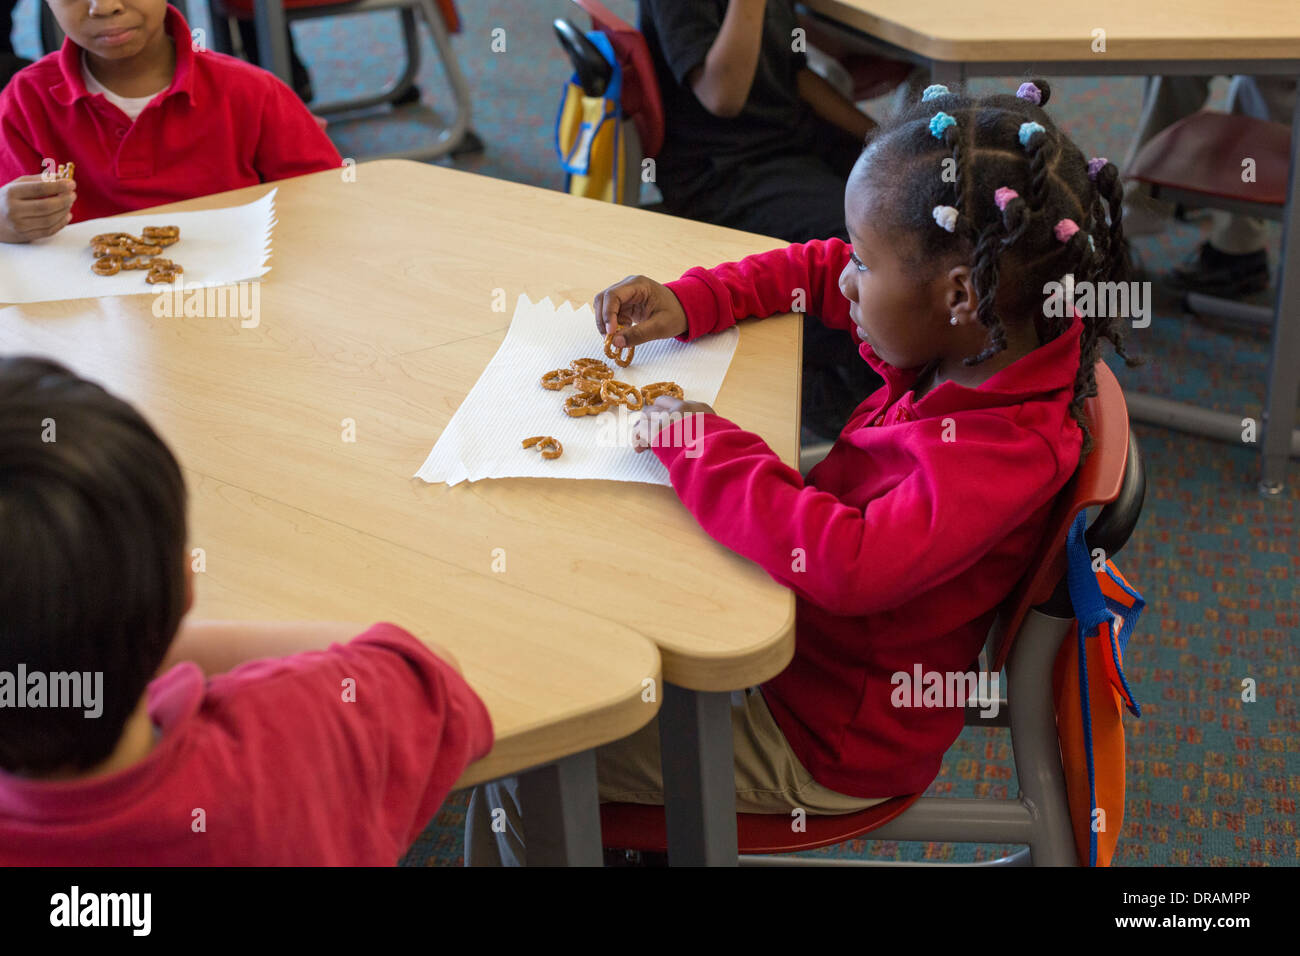 Snack time in kindergarten classroom - Stock Image